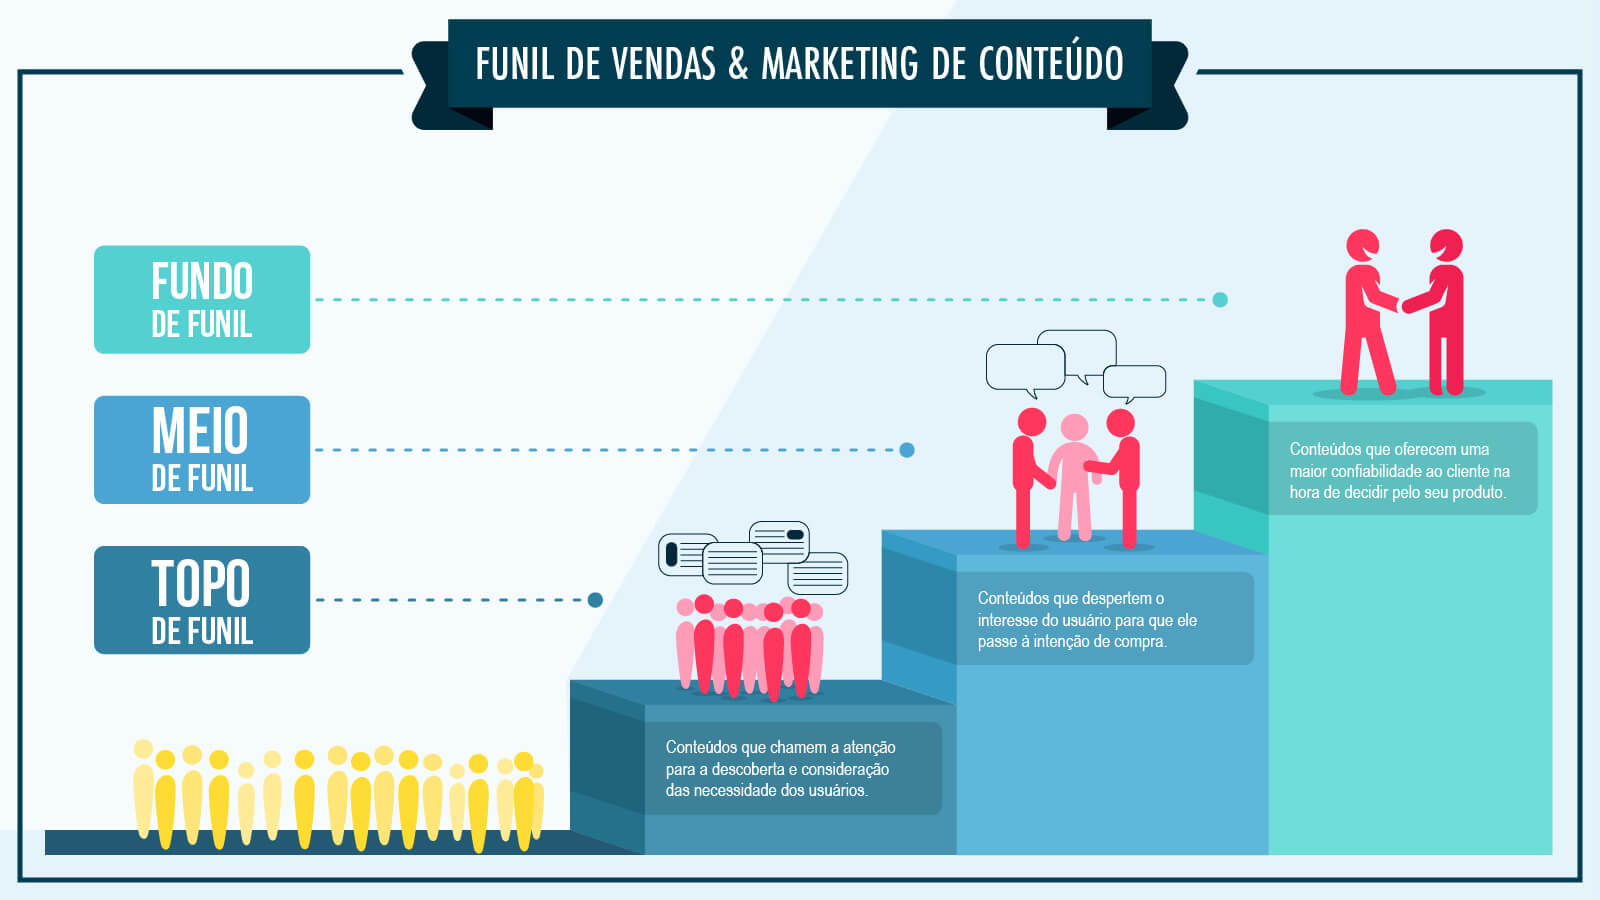 Funil de Vendas e Marketing de Conteúdo